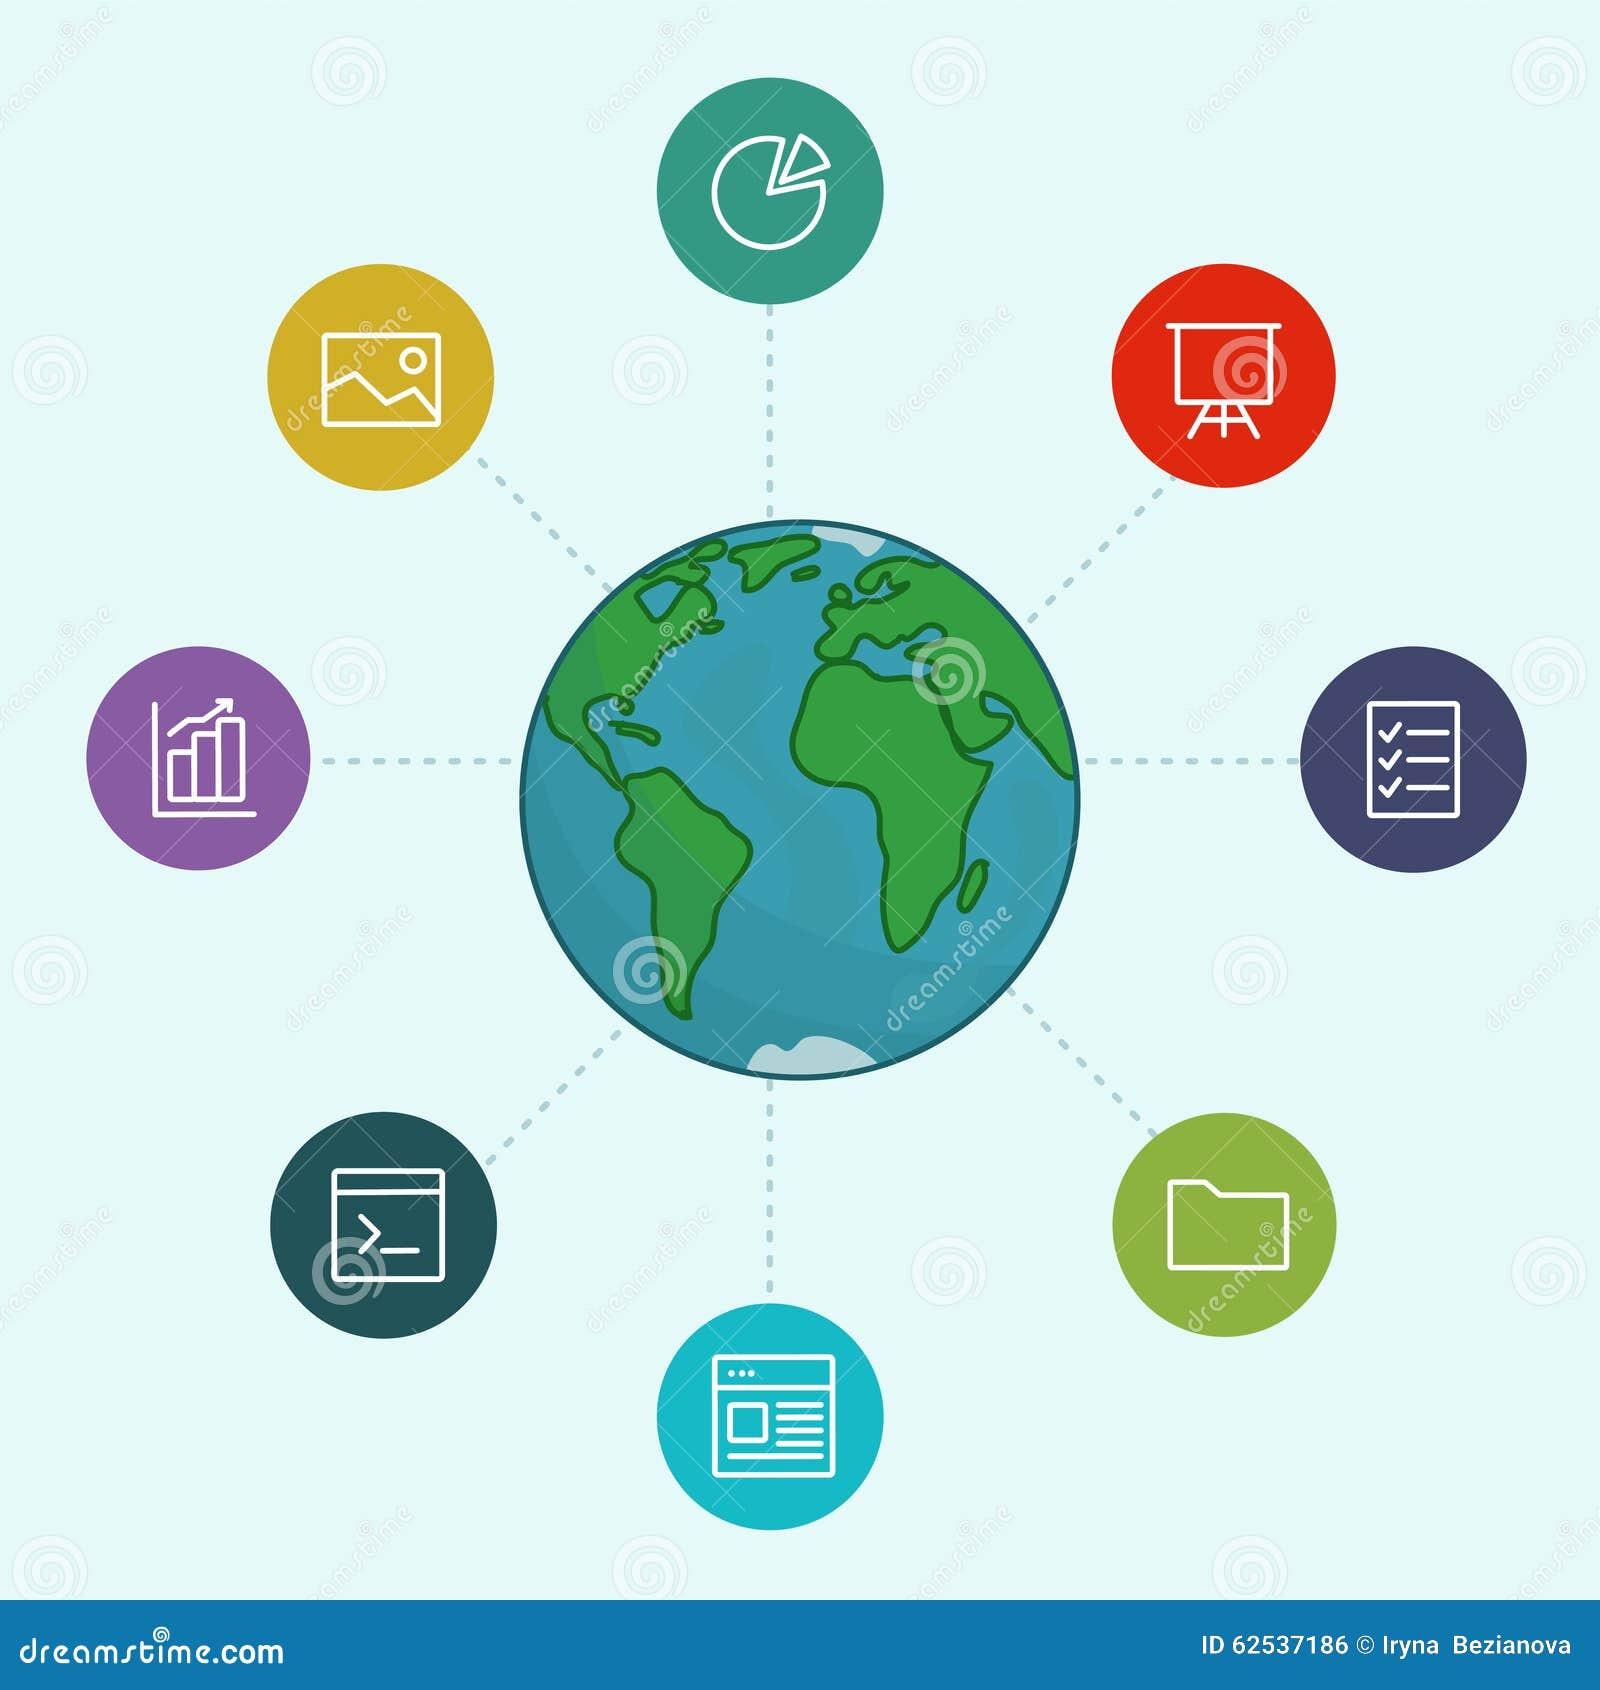 分享工作文件和参考资料